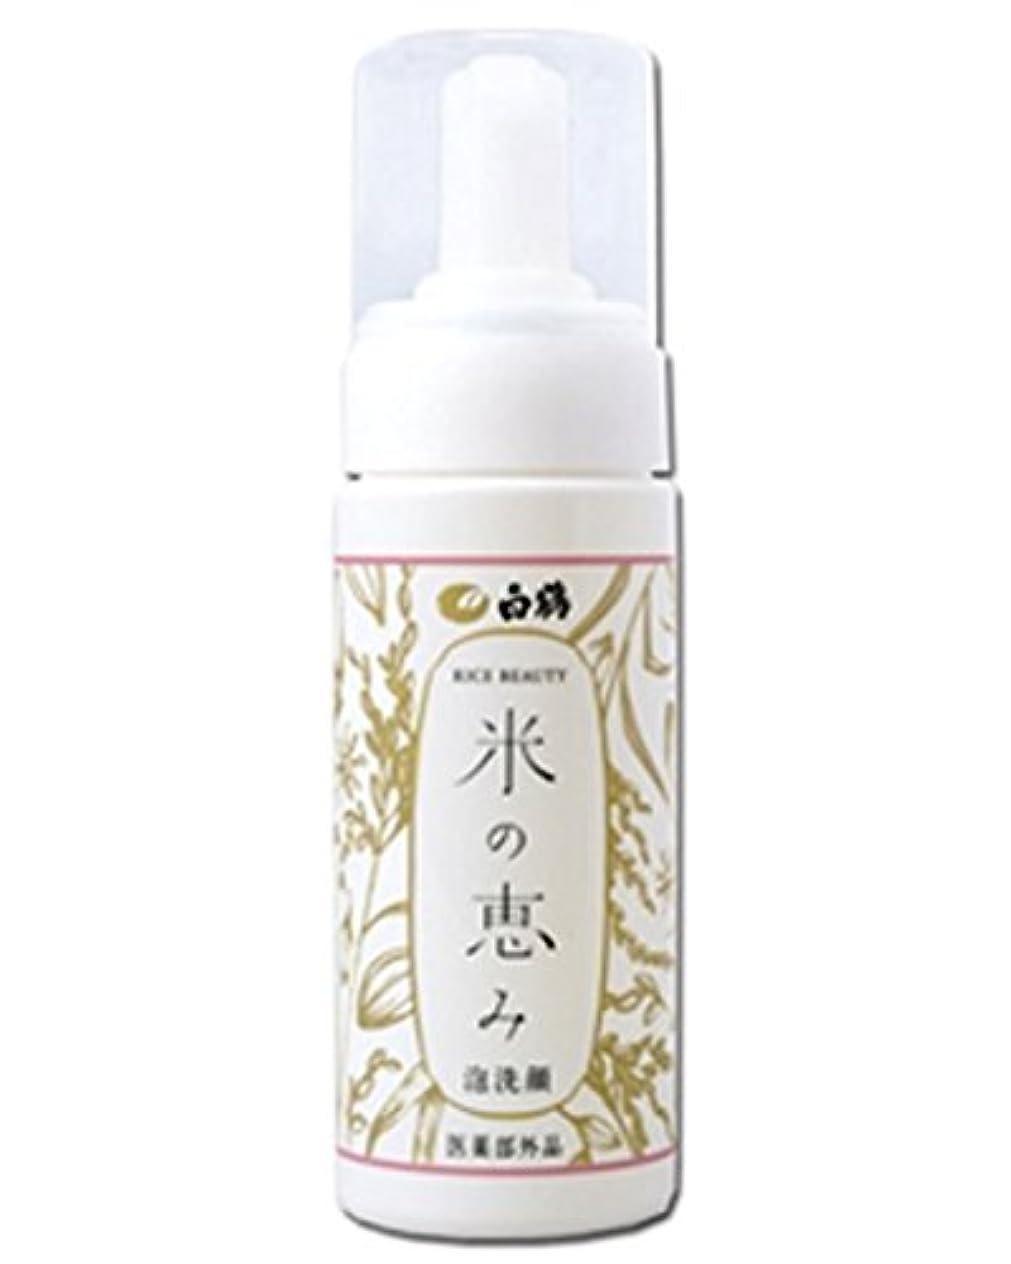 債務図書館楕円形白鶴 ライスビューティー 米の恵み 泡洗顔 150ml (医薬部外品)